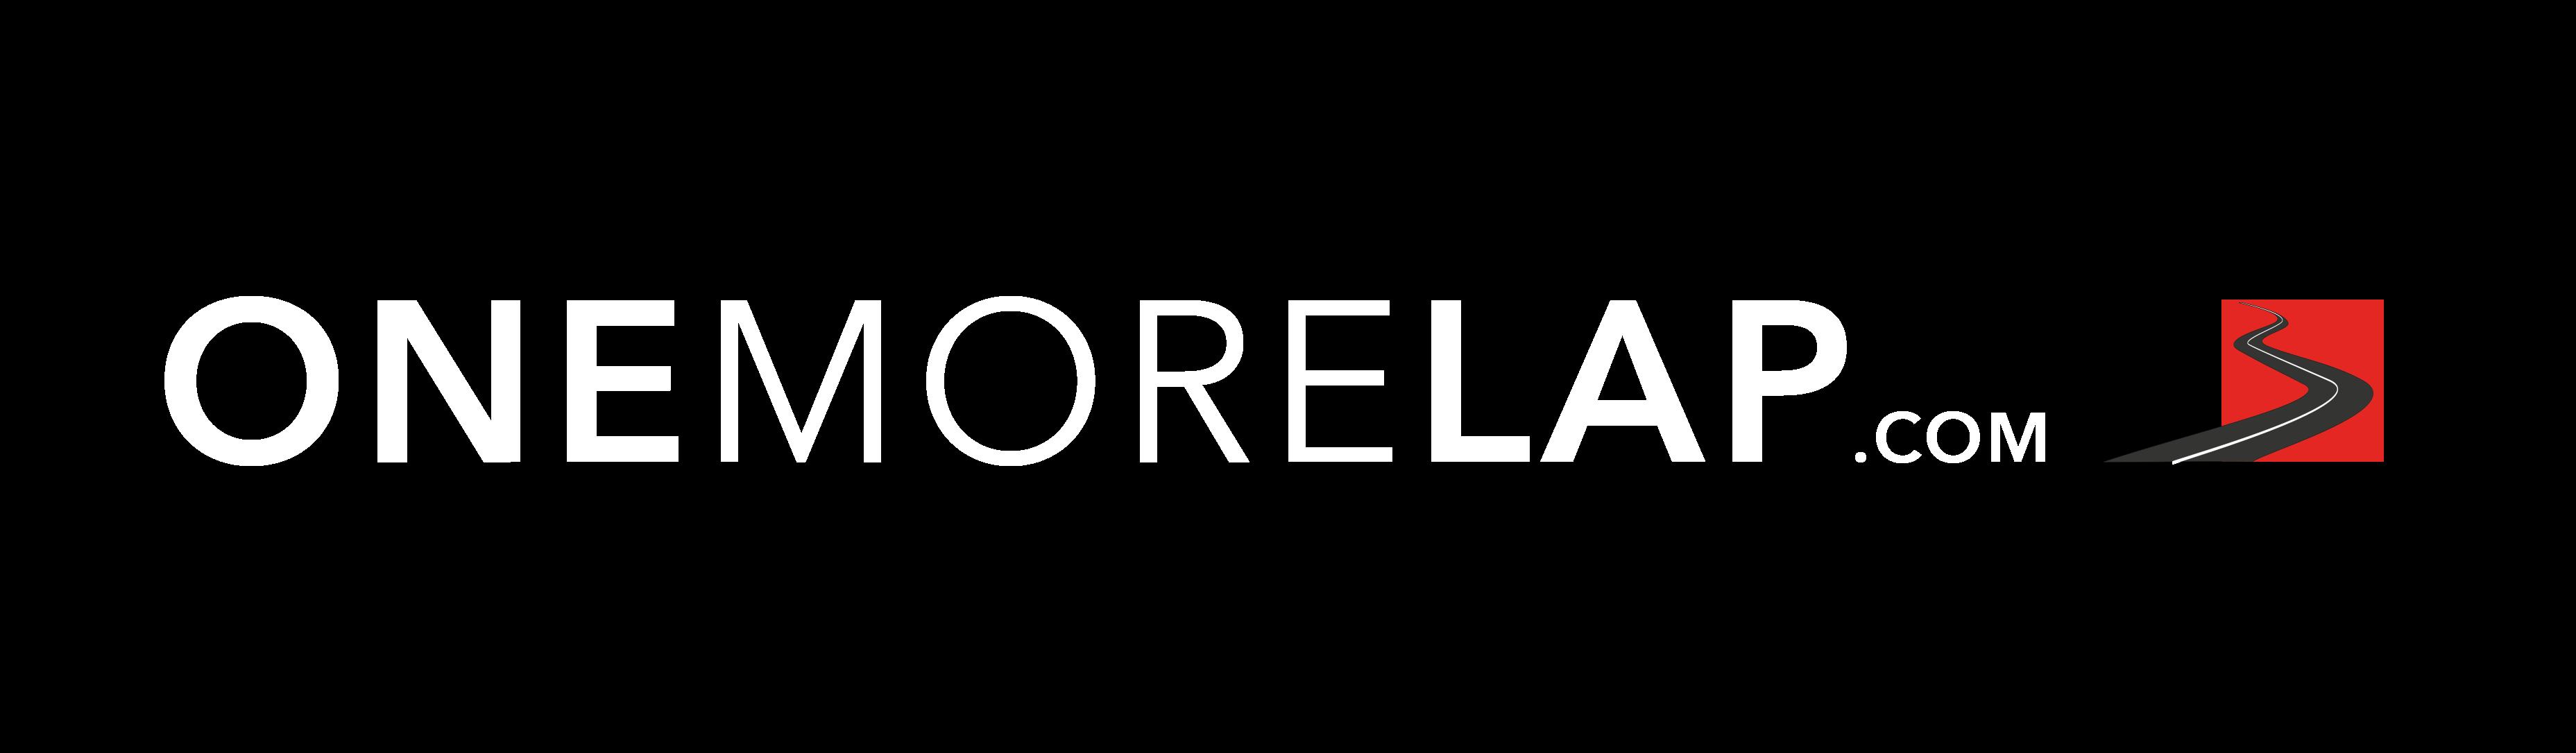 OneMoreLap.com